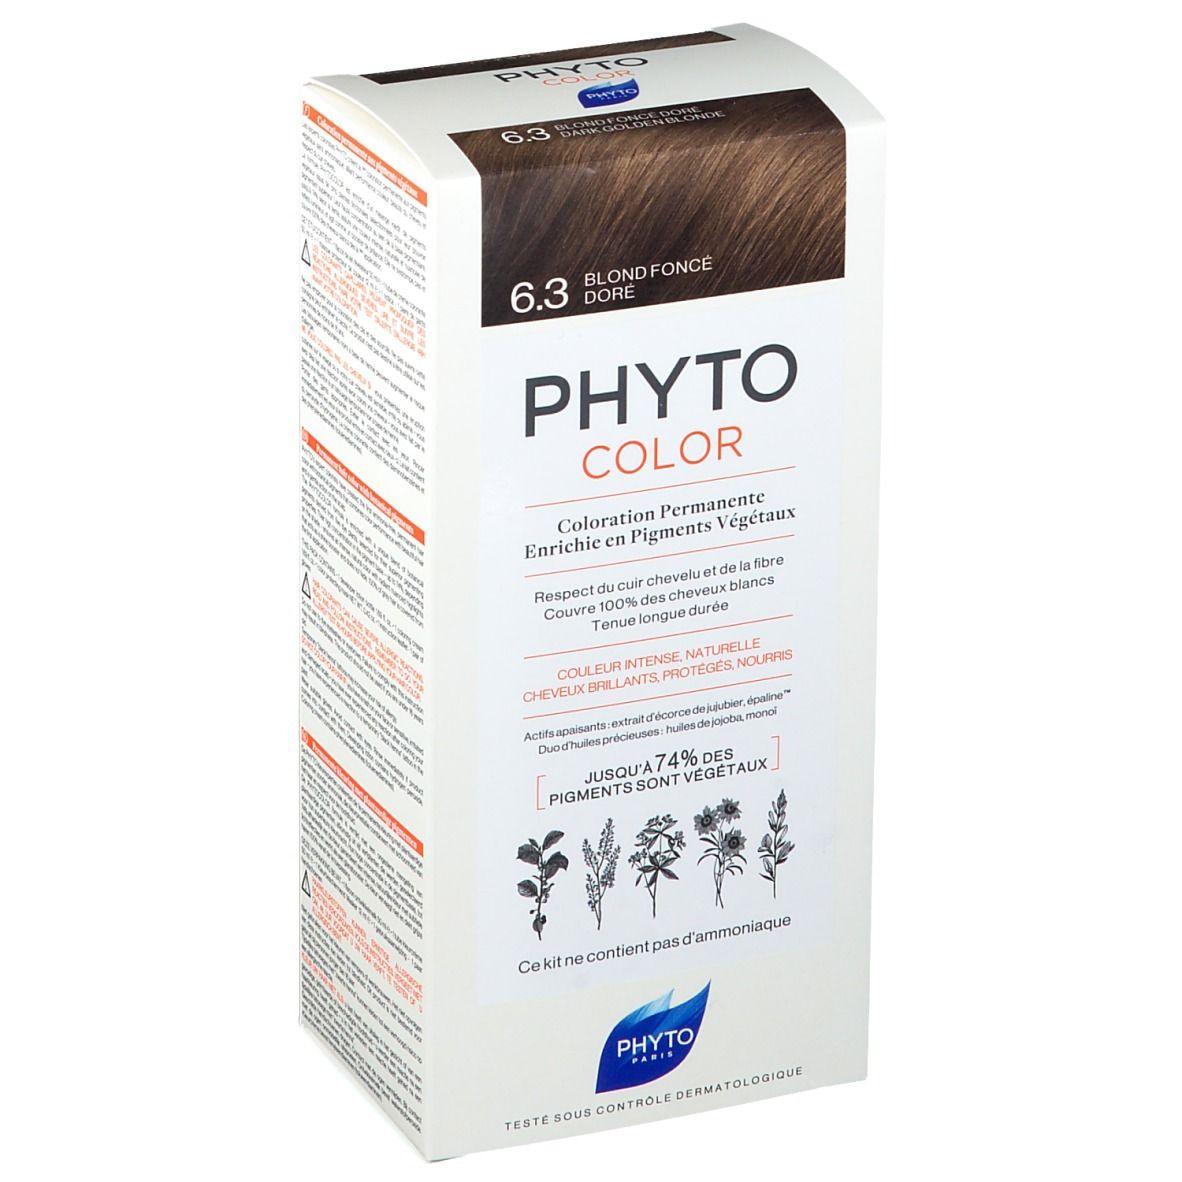 PHYTOCOLOR 6,3 Blond foncé doré pc(s) crème